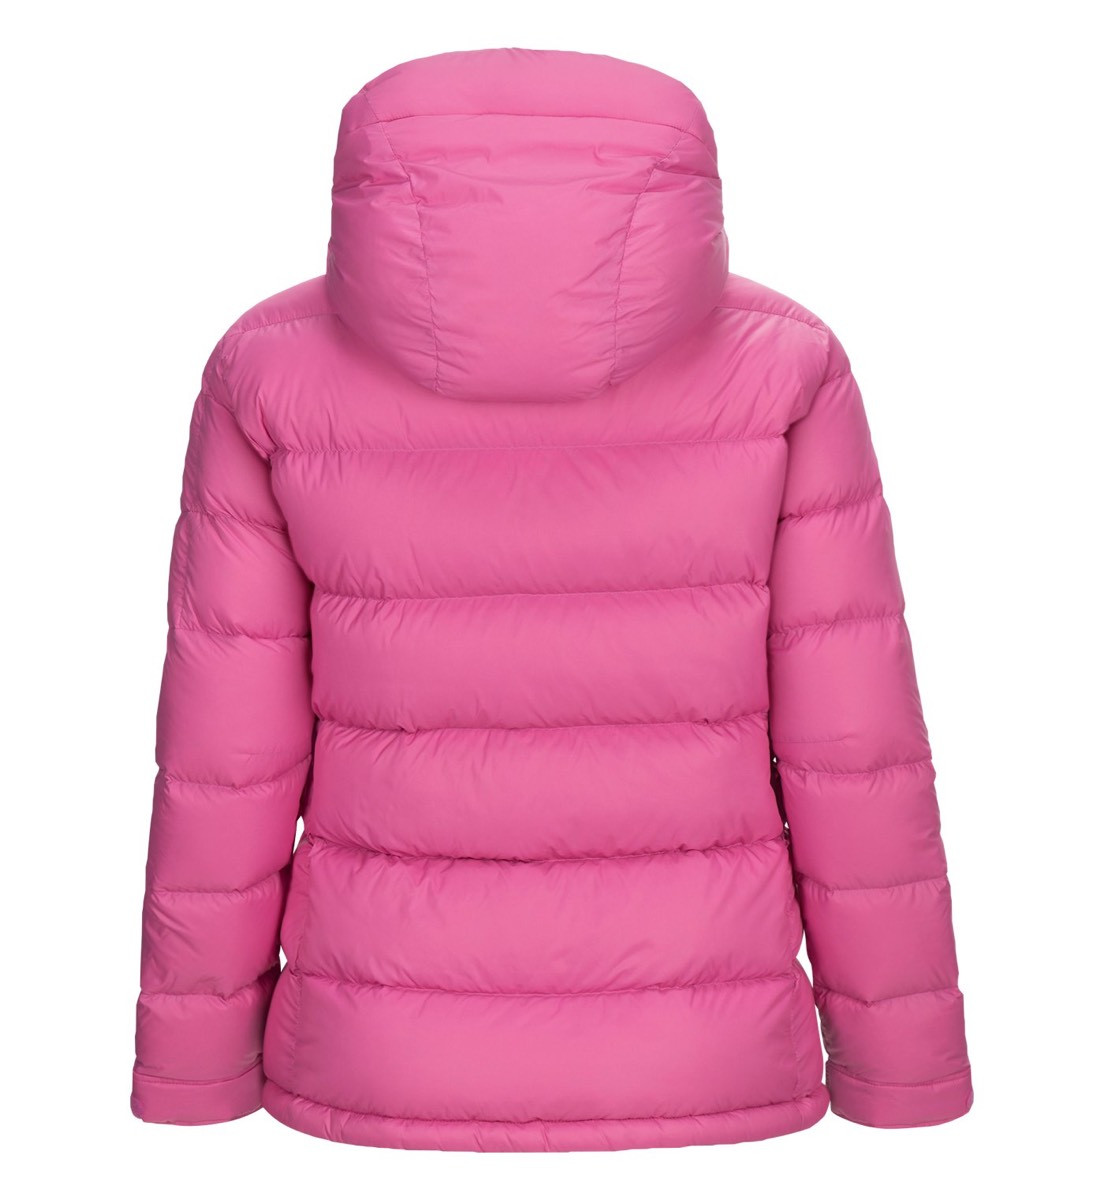 Best pris på Fjällräven Expedition Down Jacket (Dame) Se priser før kjøp